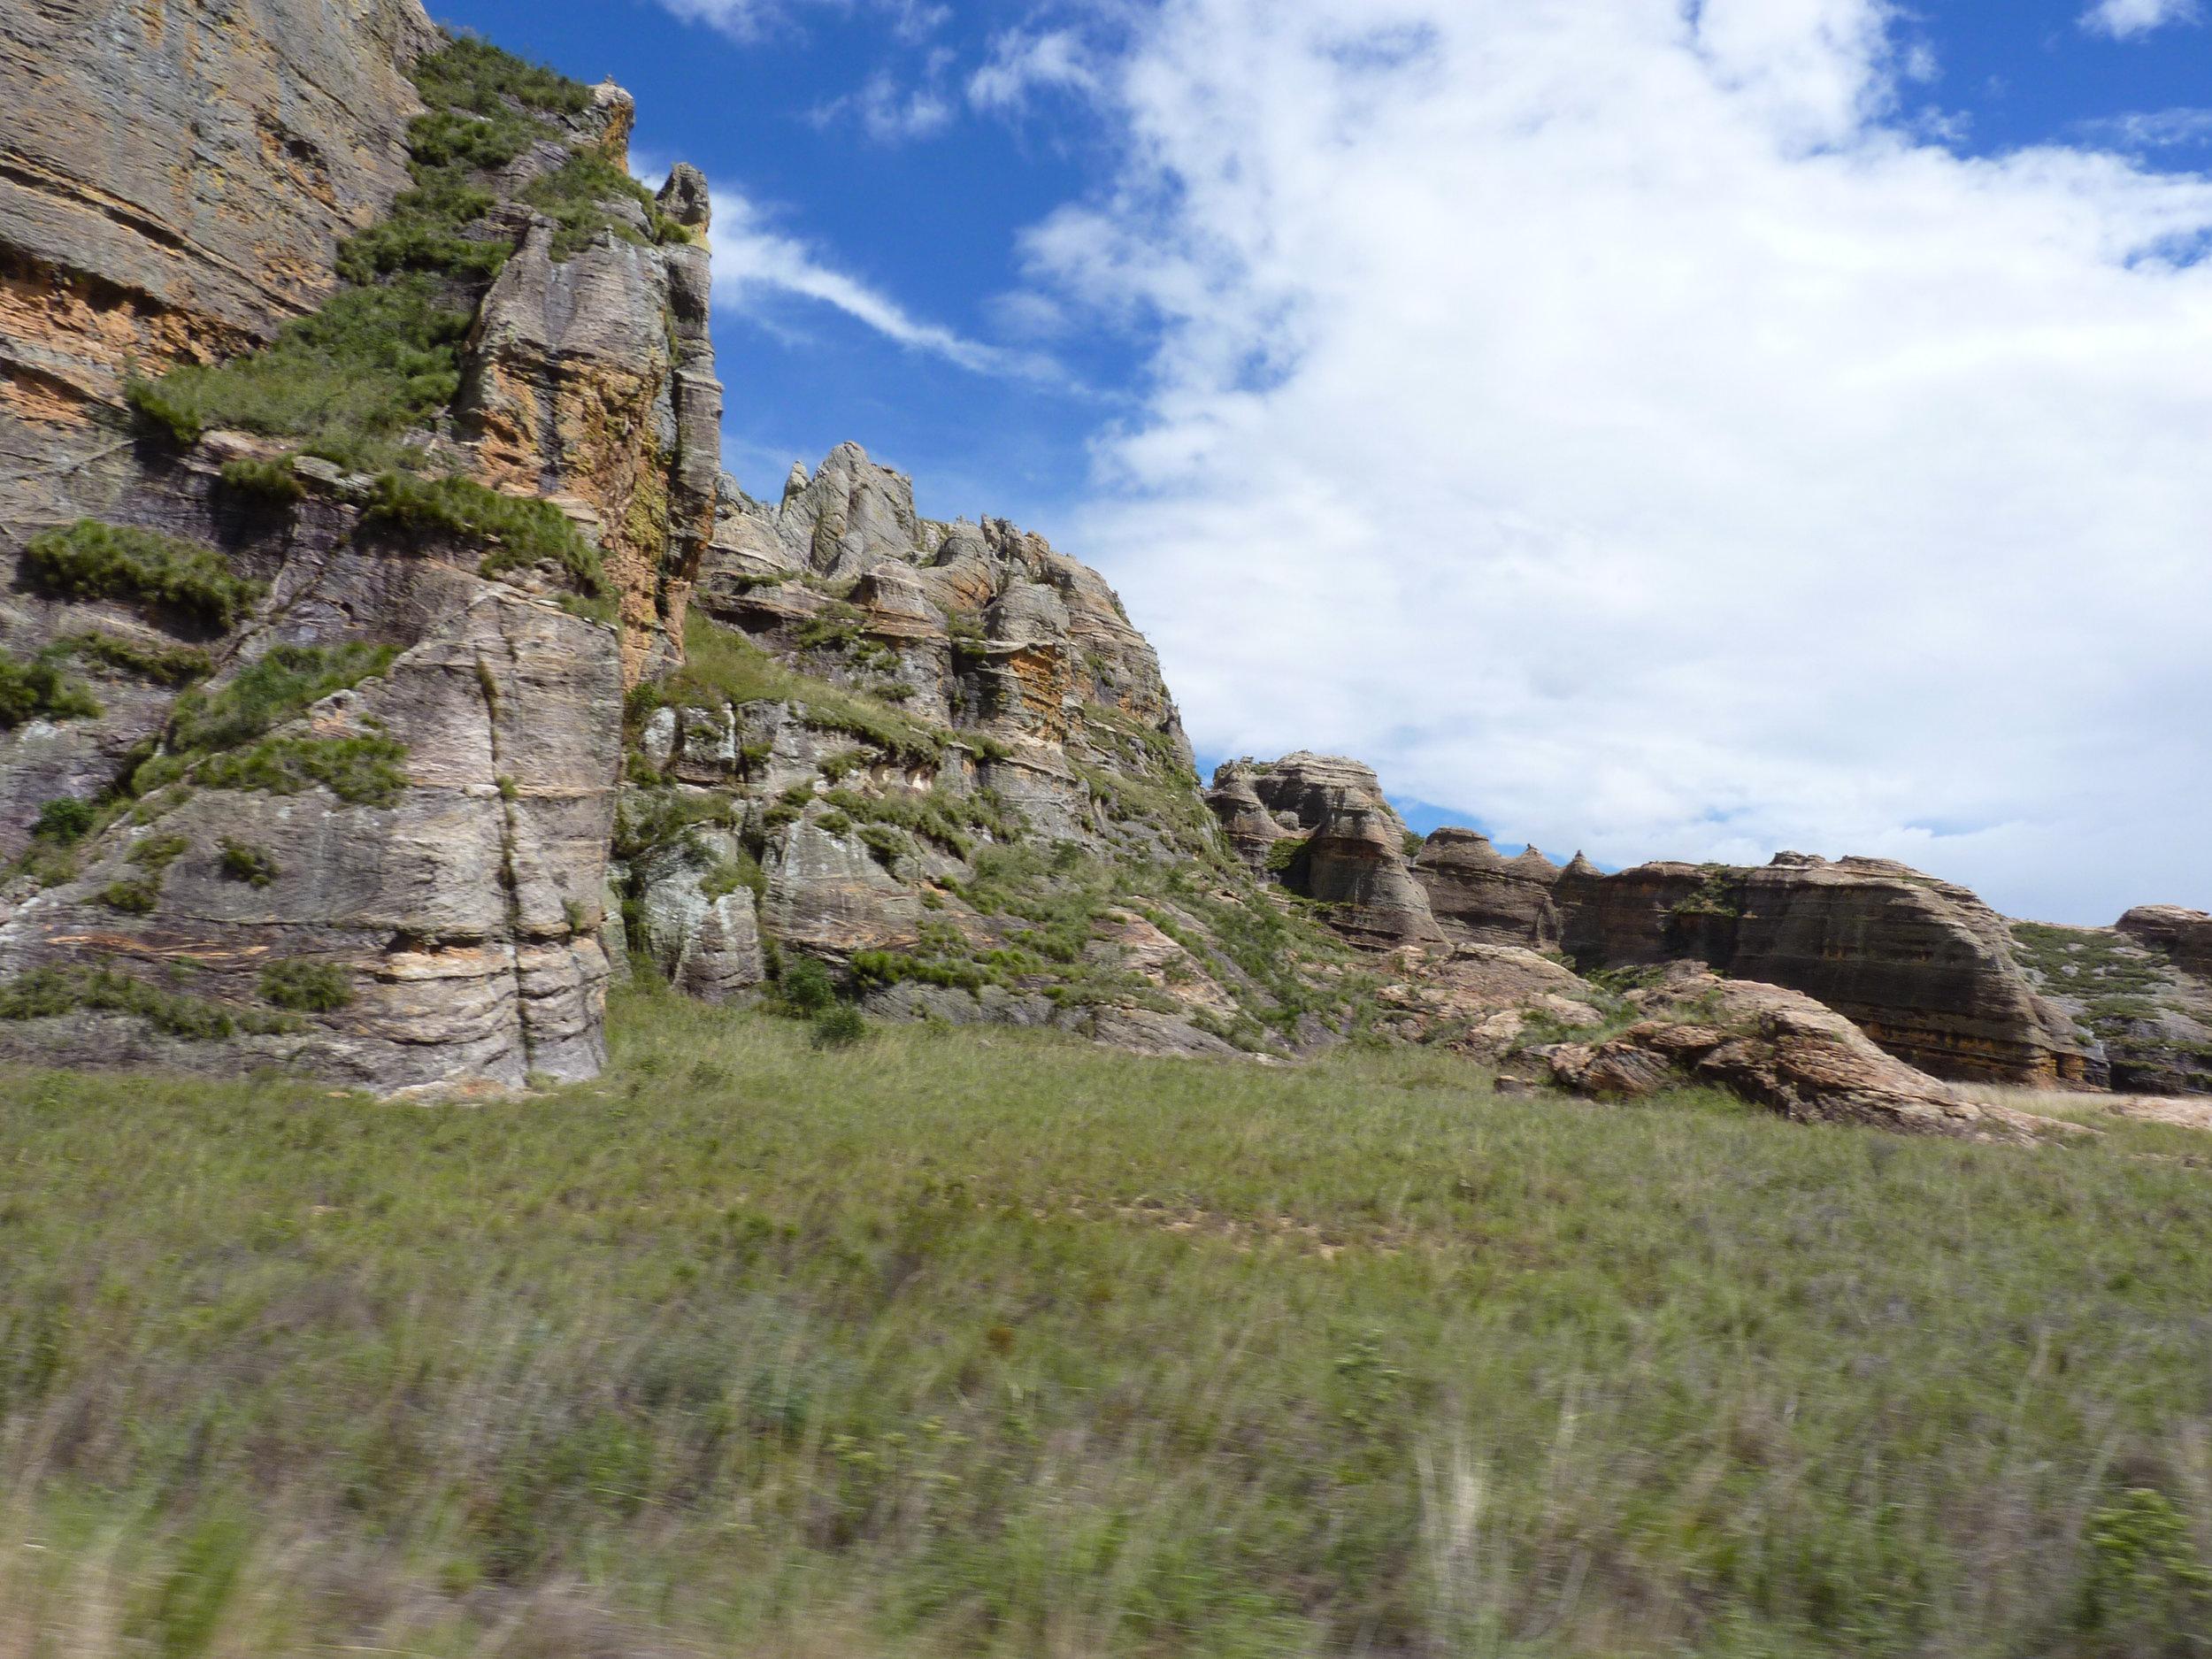 isalo-landscape-madagascar-1631185.JPG